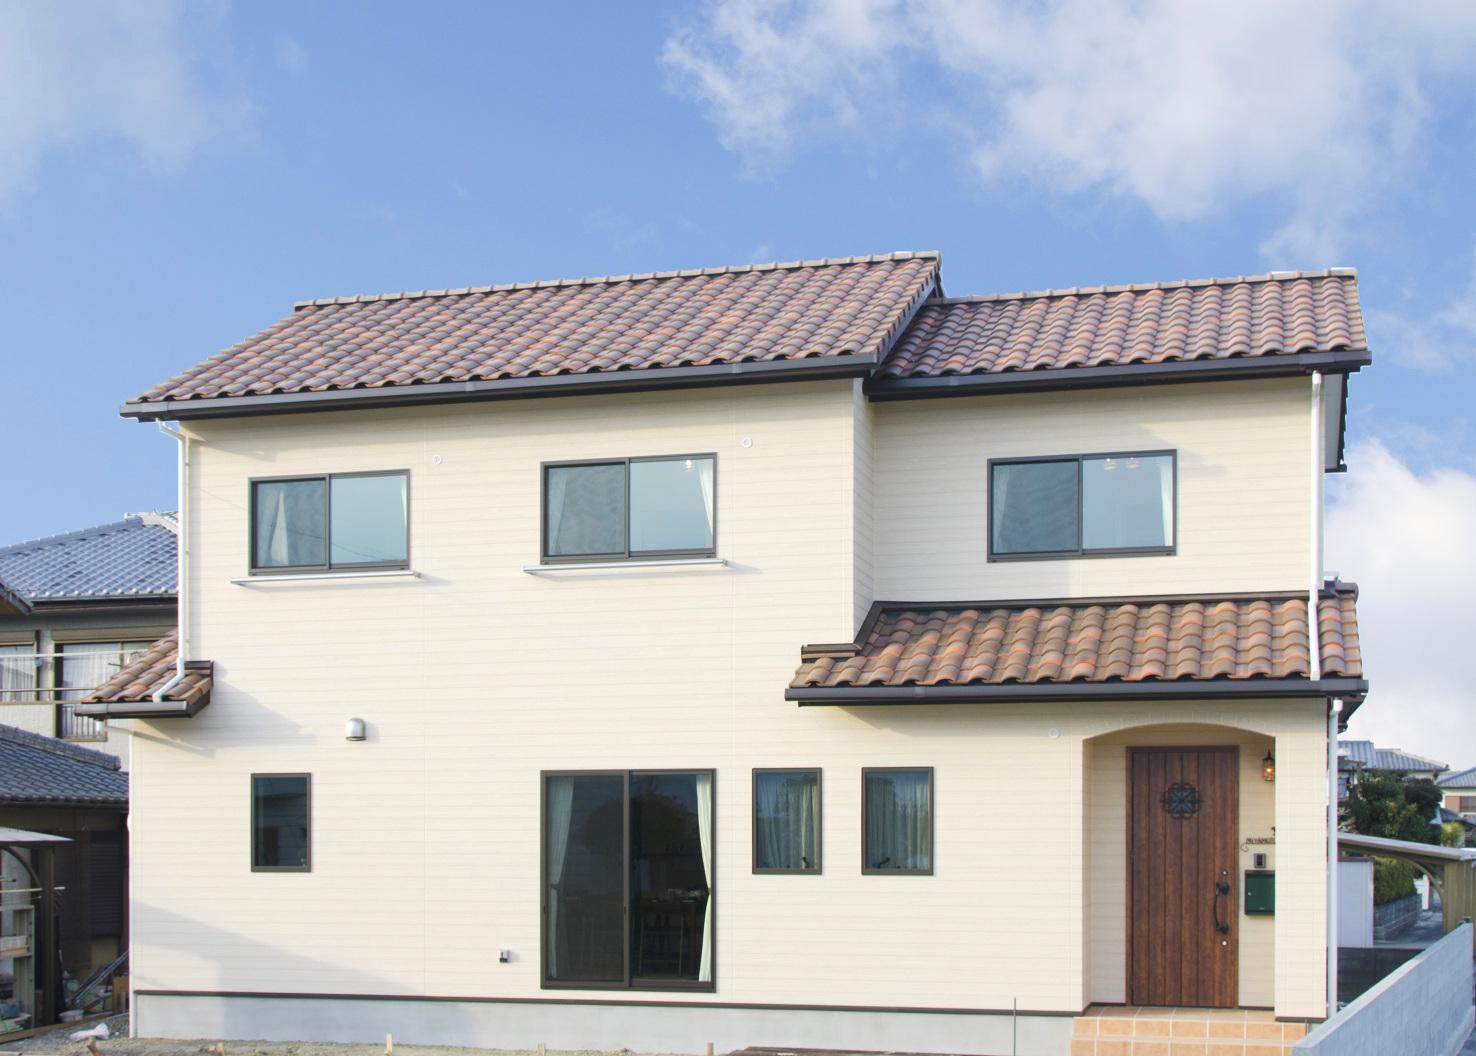 やさしいクリーム色の外壁とレンガ色の洋瓦がかわいいナチュラルなお家